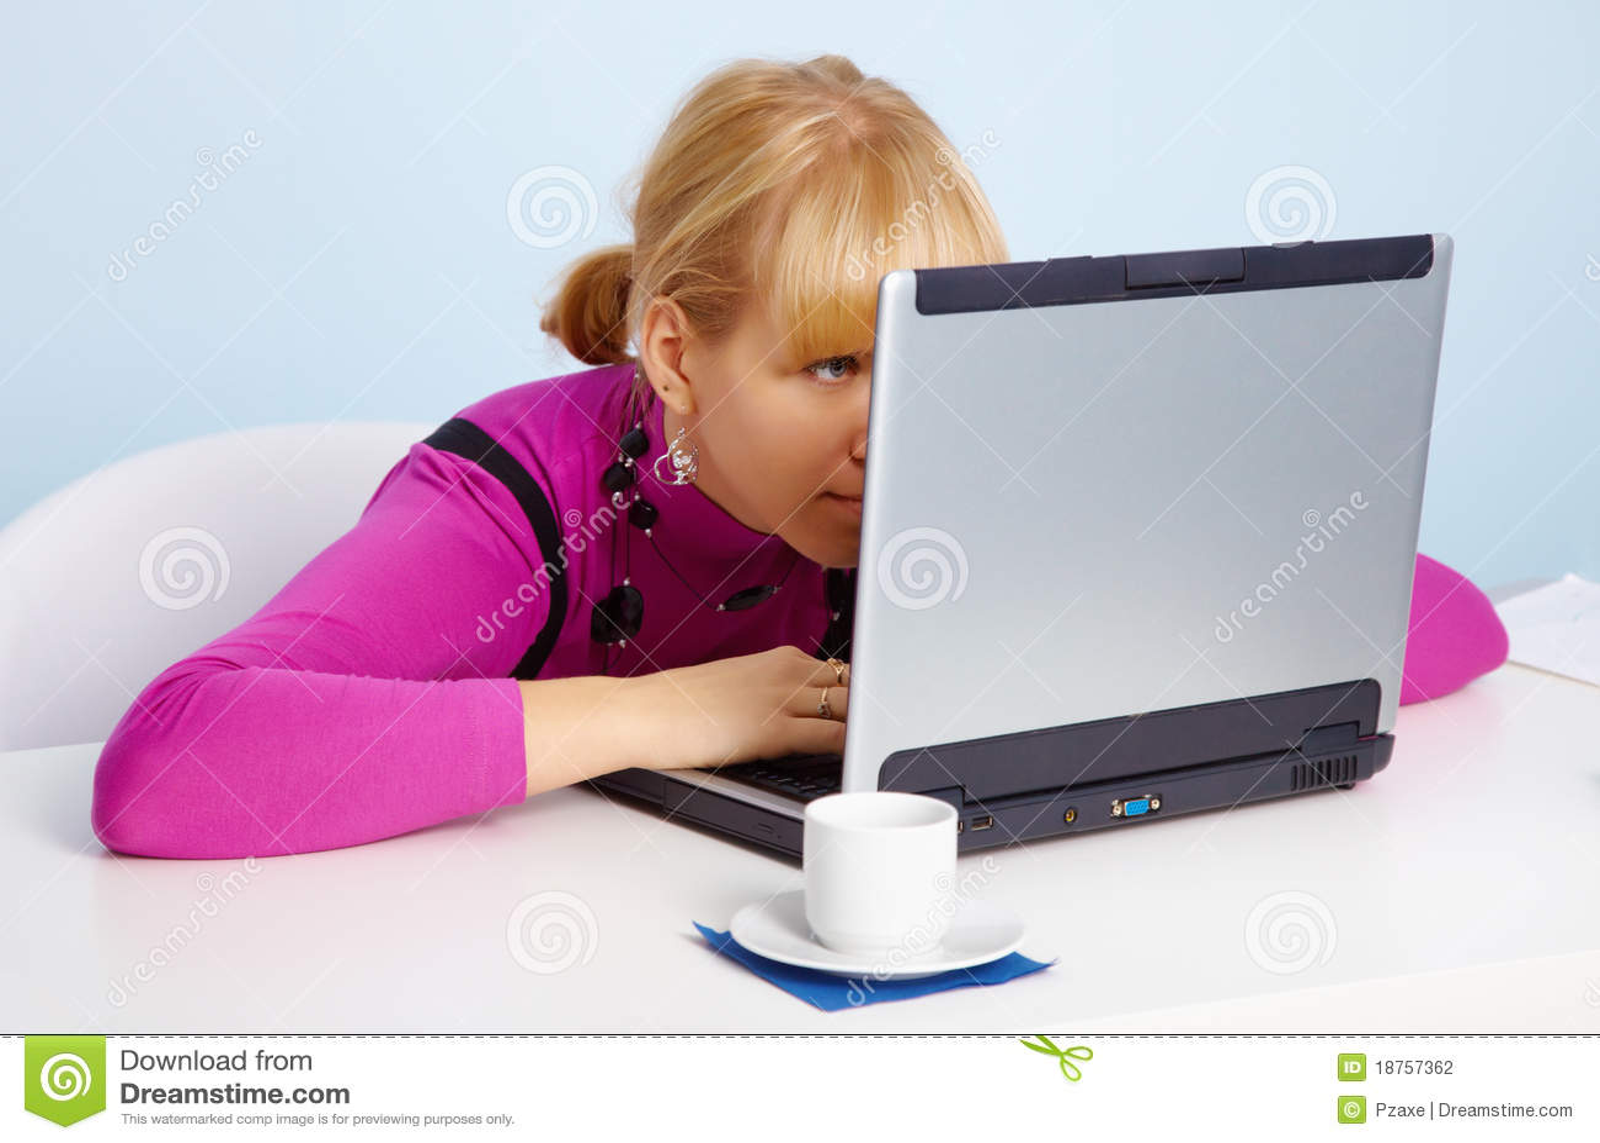 Фото девушки перед монитором